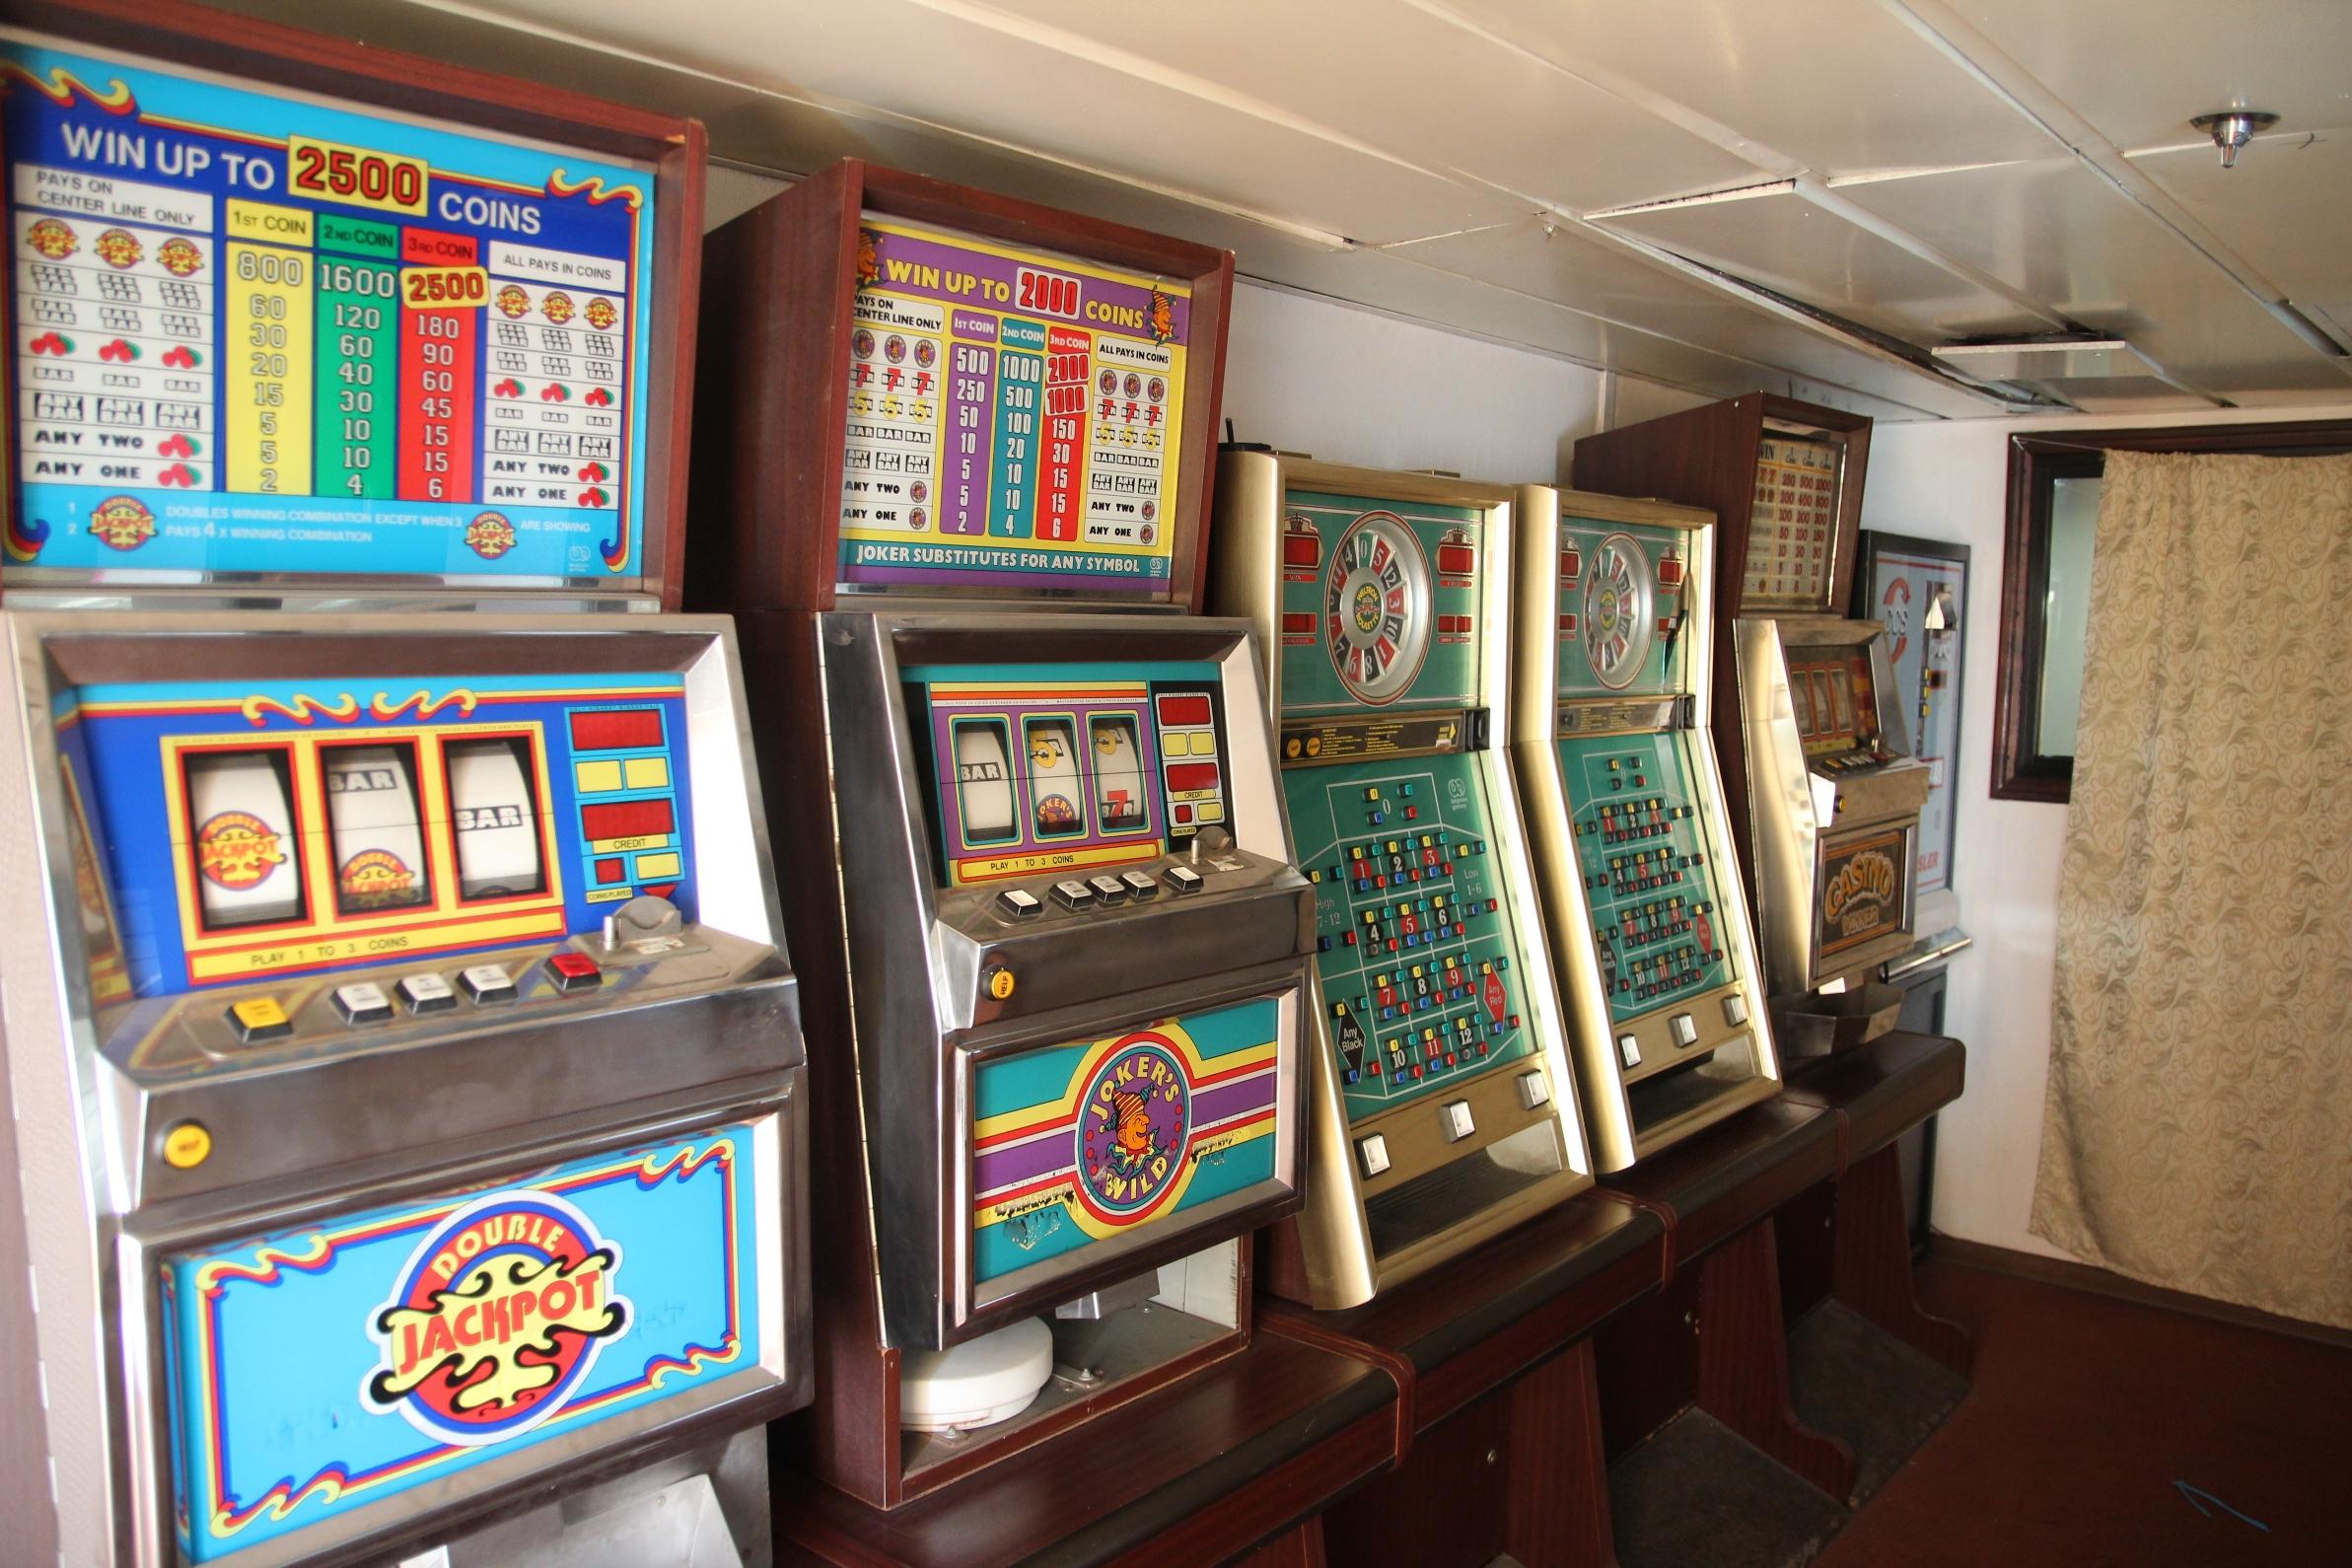 Nem működtek, nem is tudjuk, miért voltak a hajón nyerőautomaták.